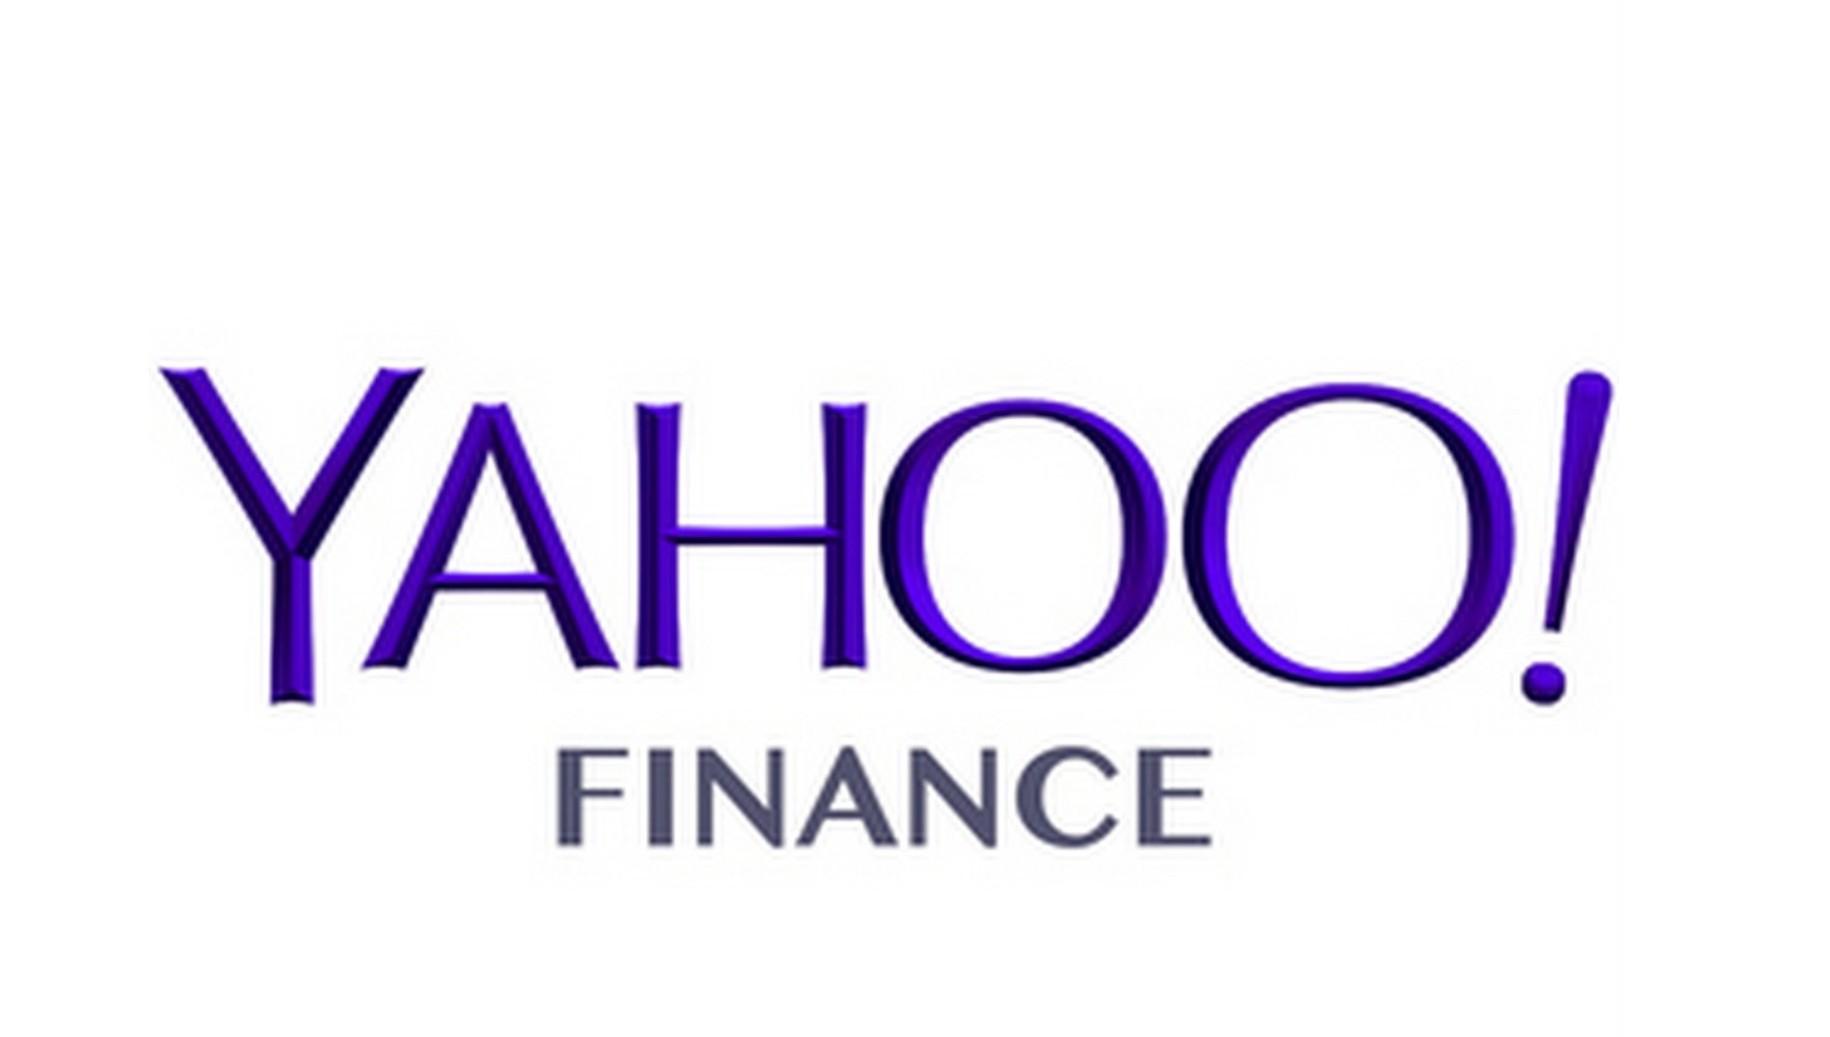 Yahoo! Finance.jpg